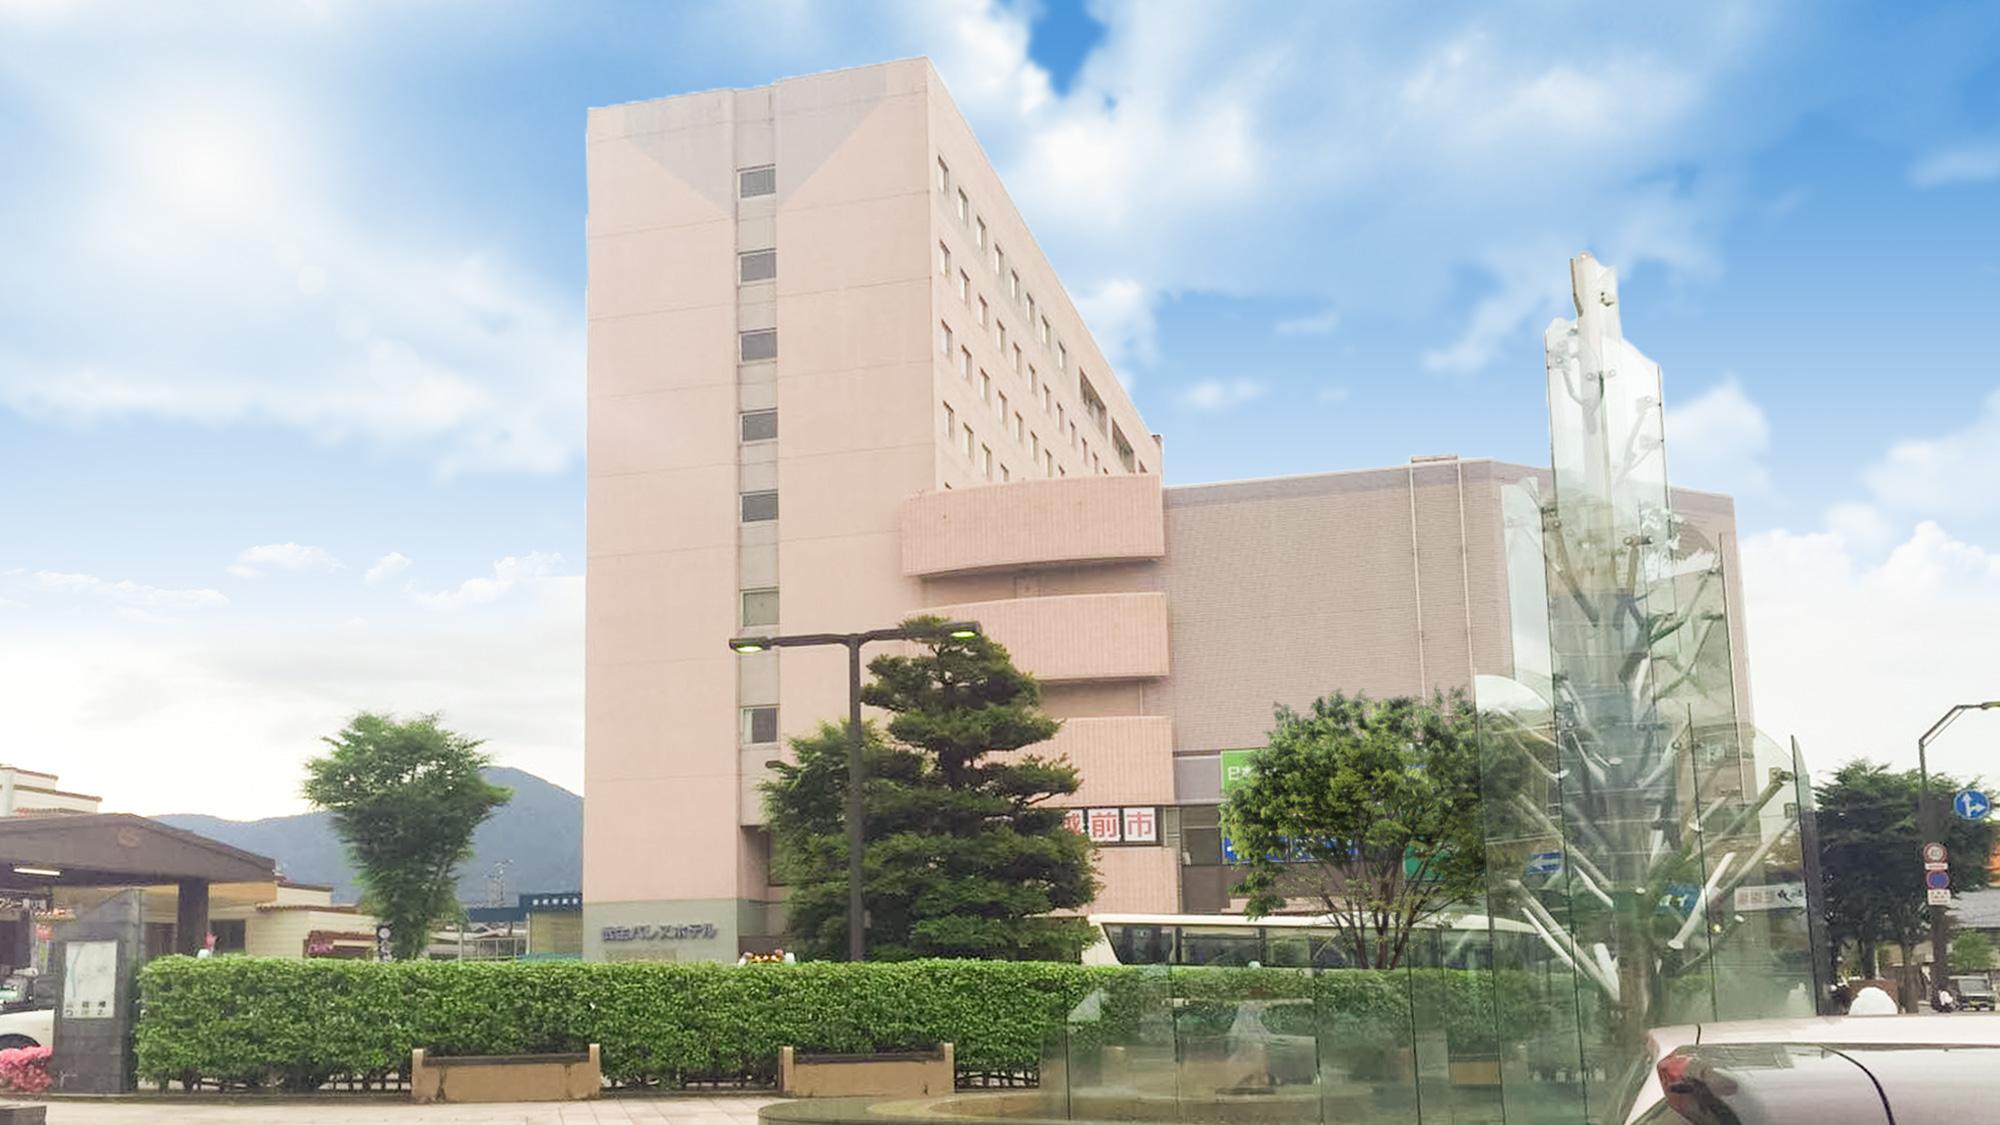 ホテルクラウンヒルズ武生駅前(BBHホテルグループ)の施設画像